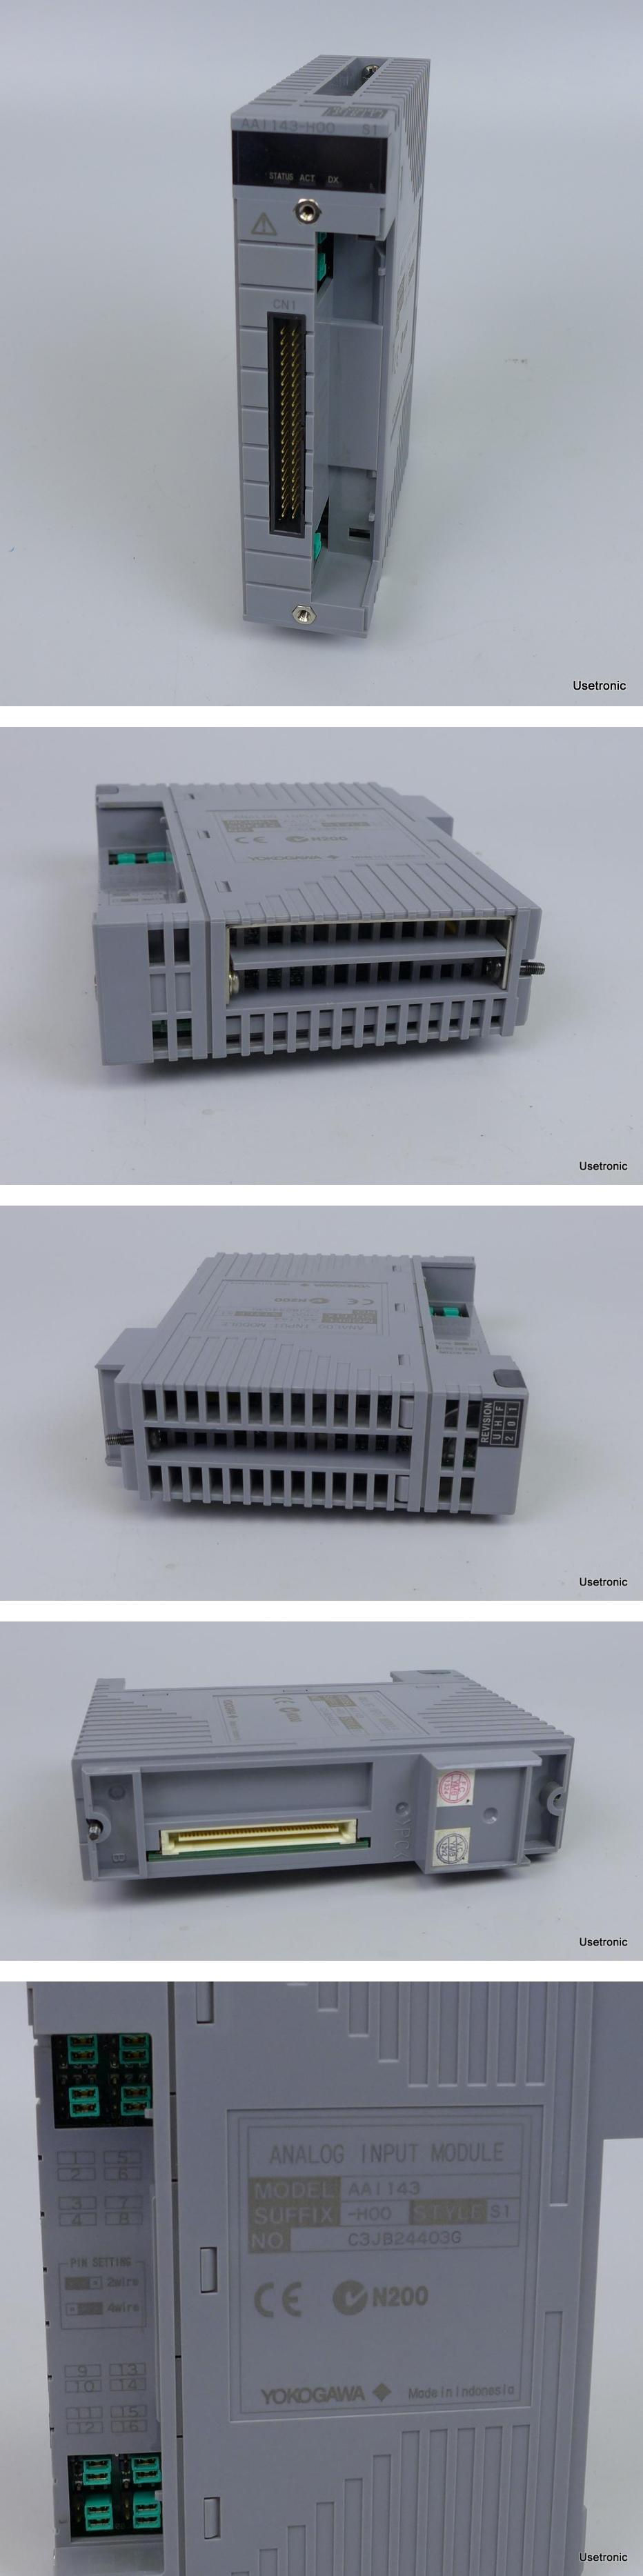 Yokogawa AAI 143-H00 S1